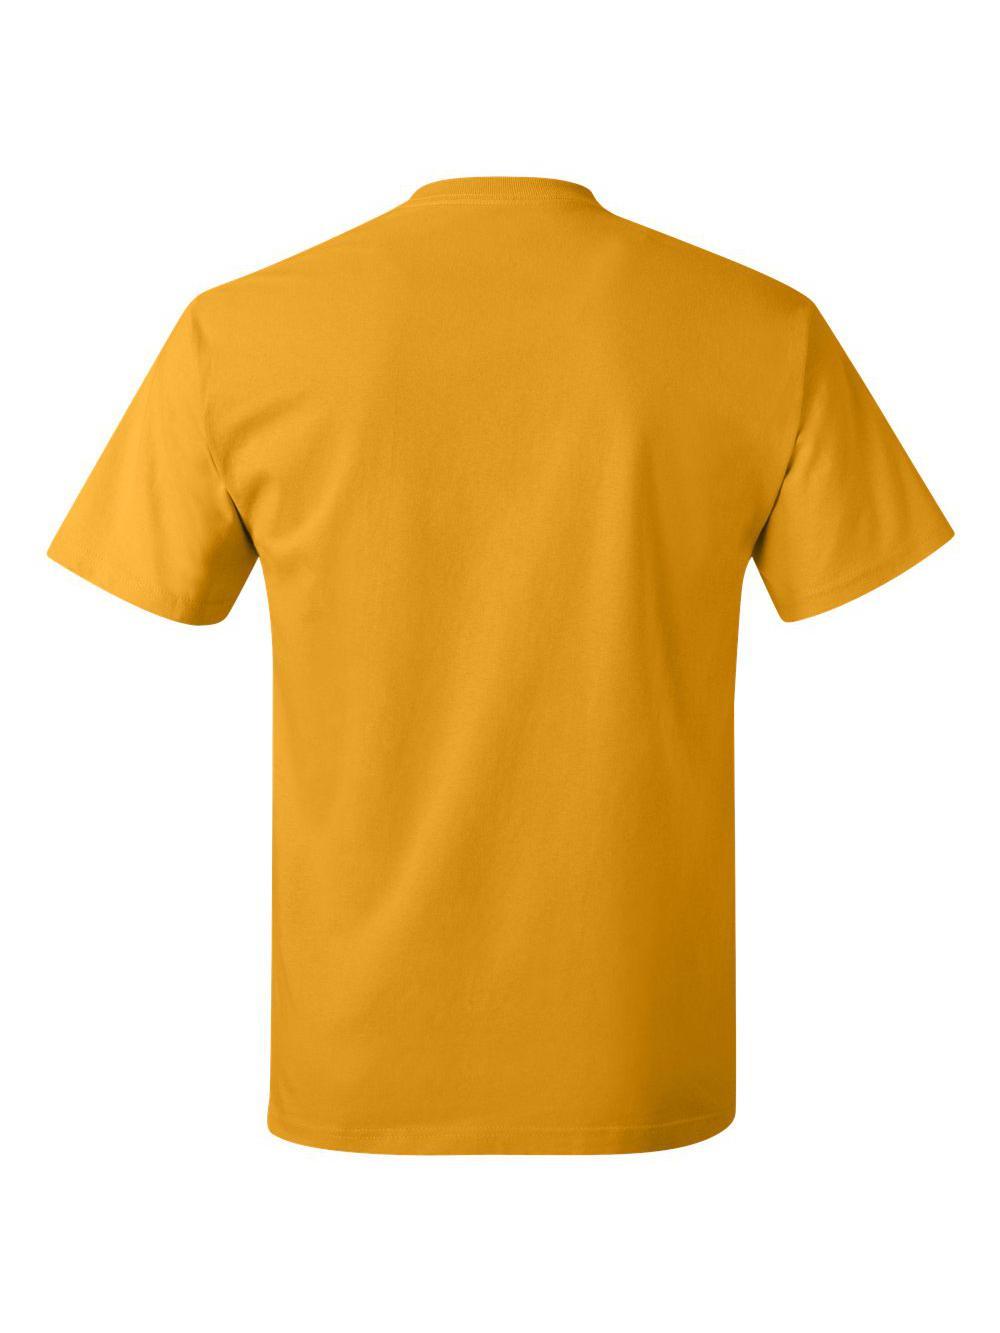 Hanes-Tagless-T-Shirt-5250 thumbnail 55